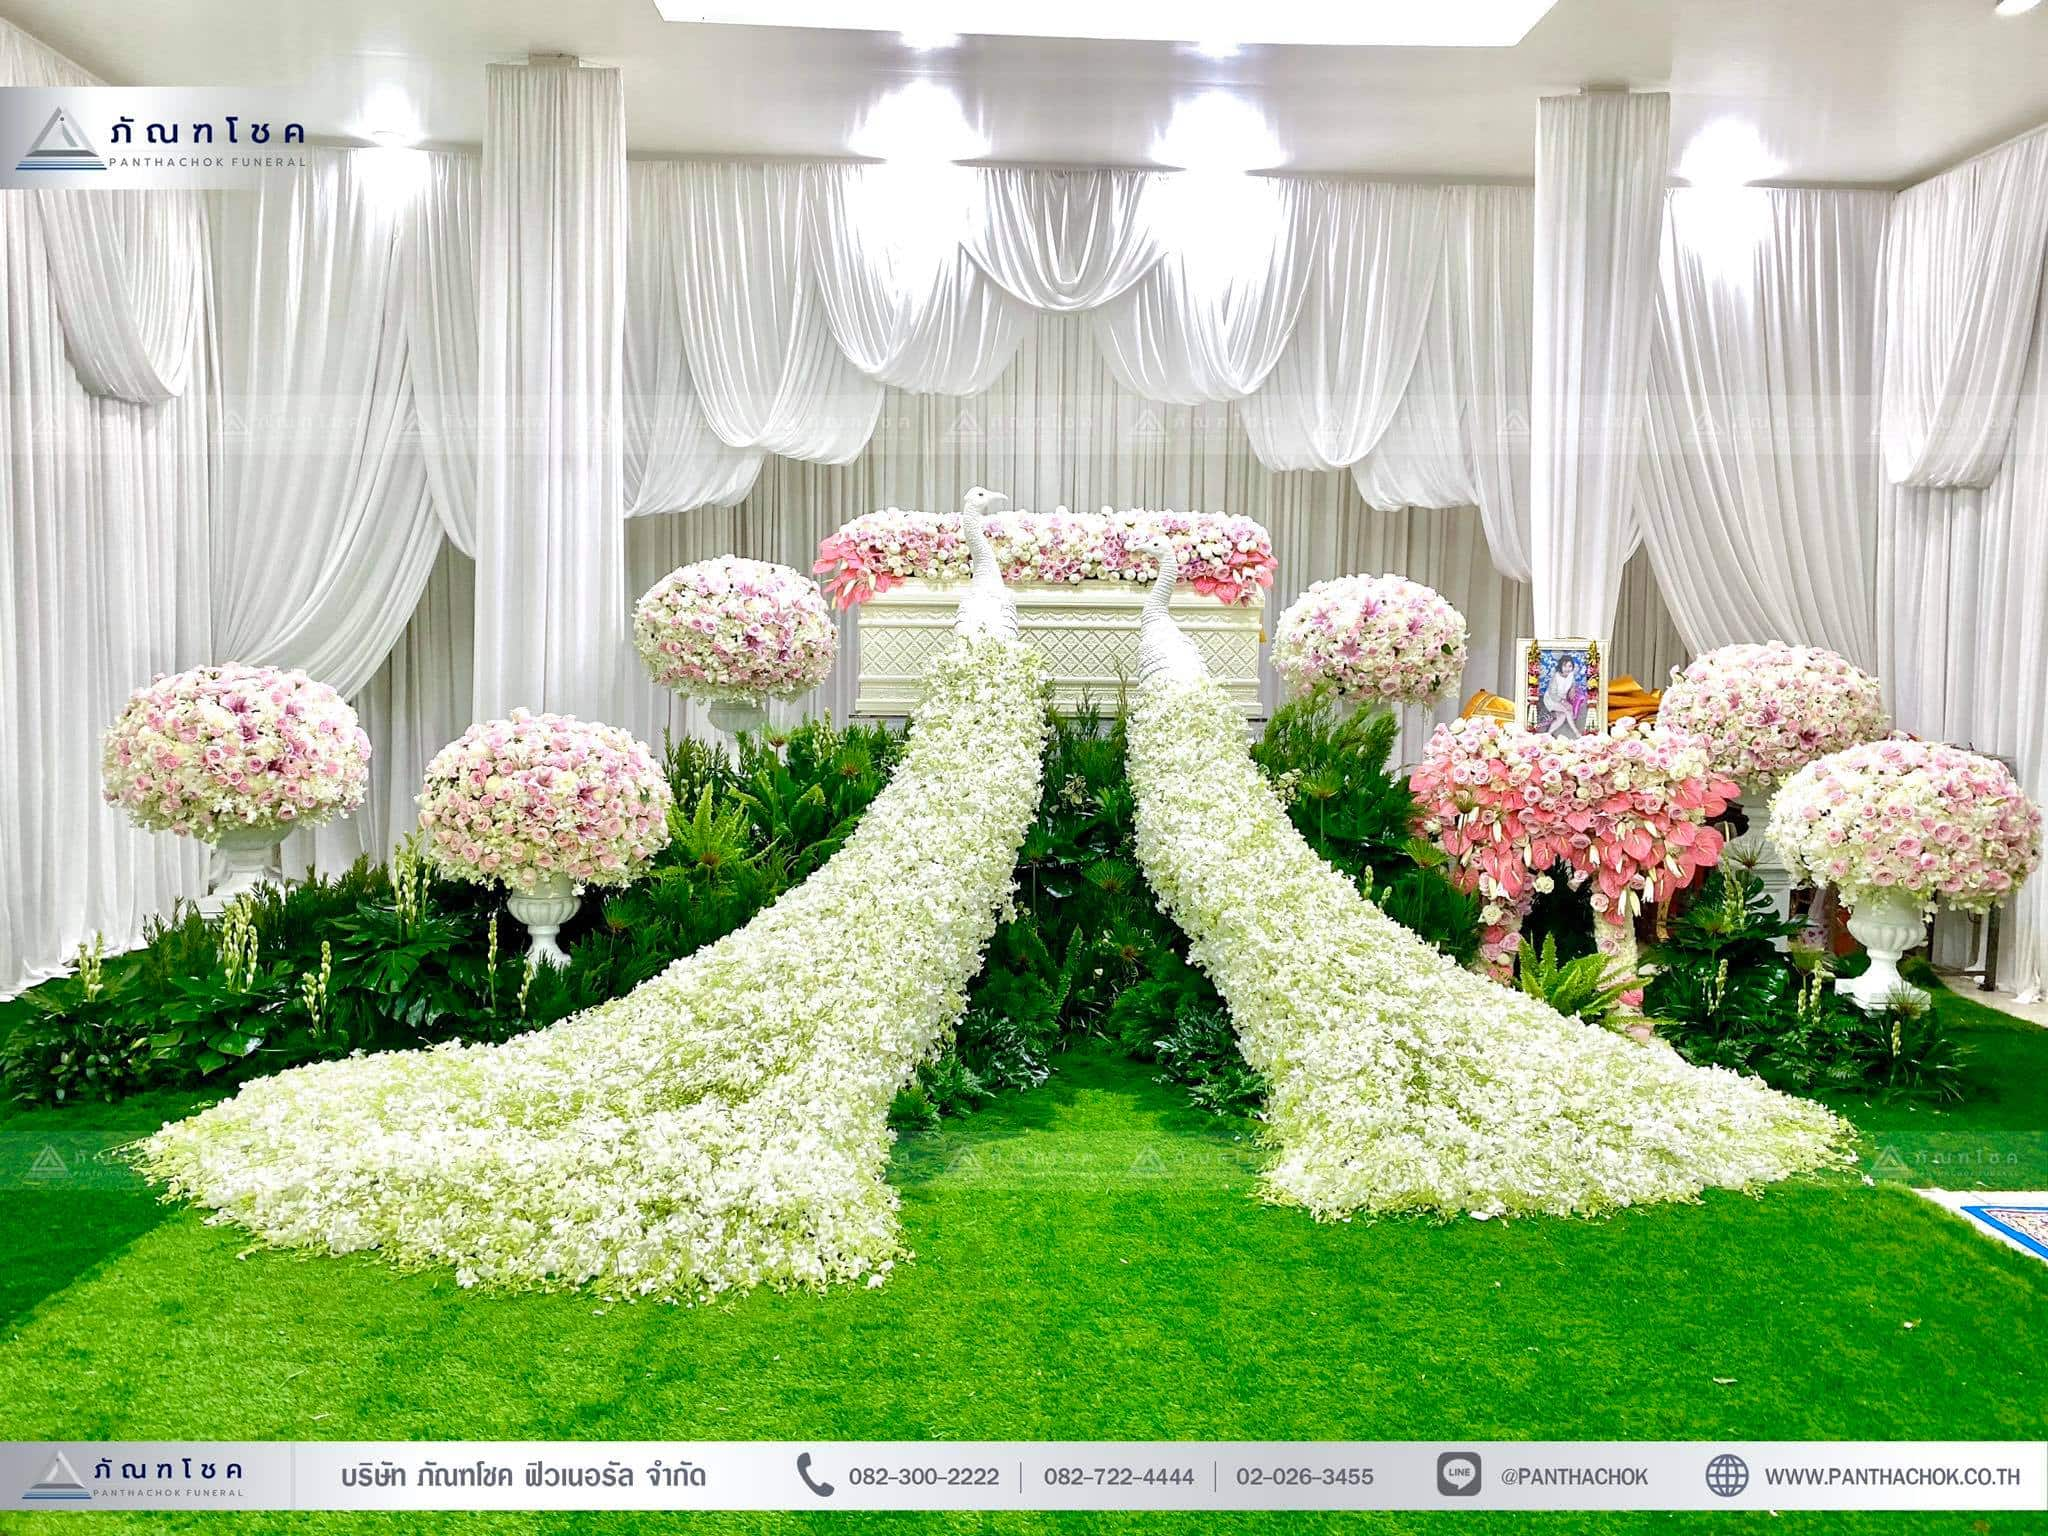 ชุดดอกไม้งานศพประดับด้วยนกยูงดูสง่า ณ วัดเขียนเขตพระอารามหลวง ปทุมธานี 4